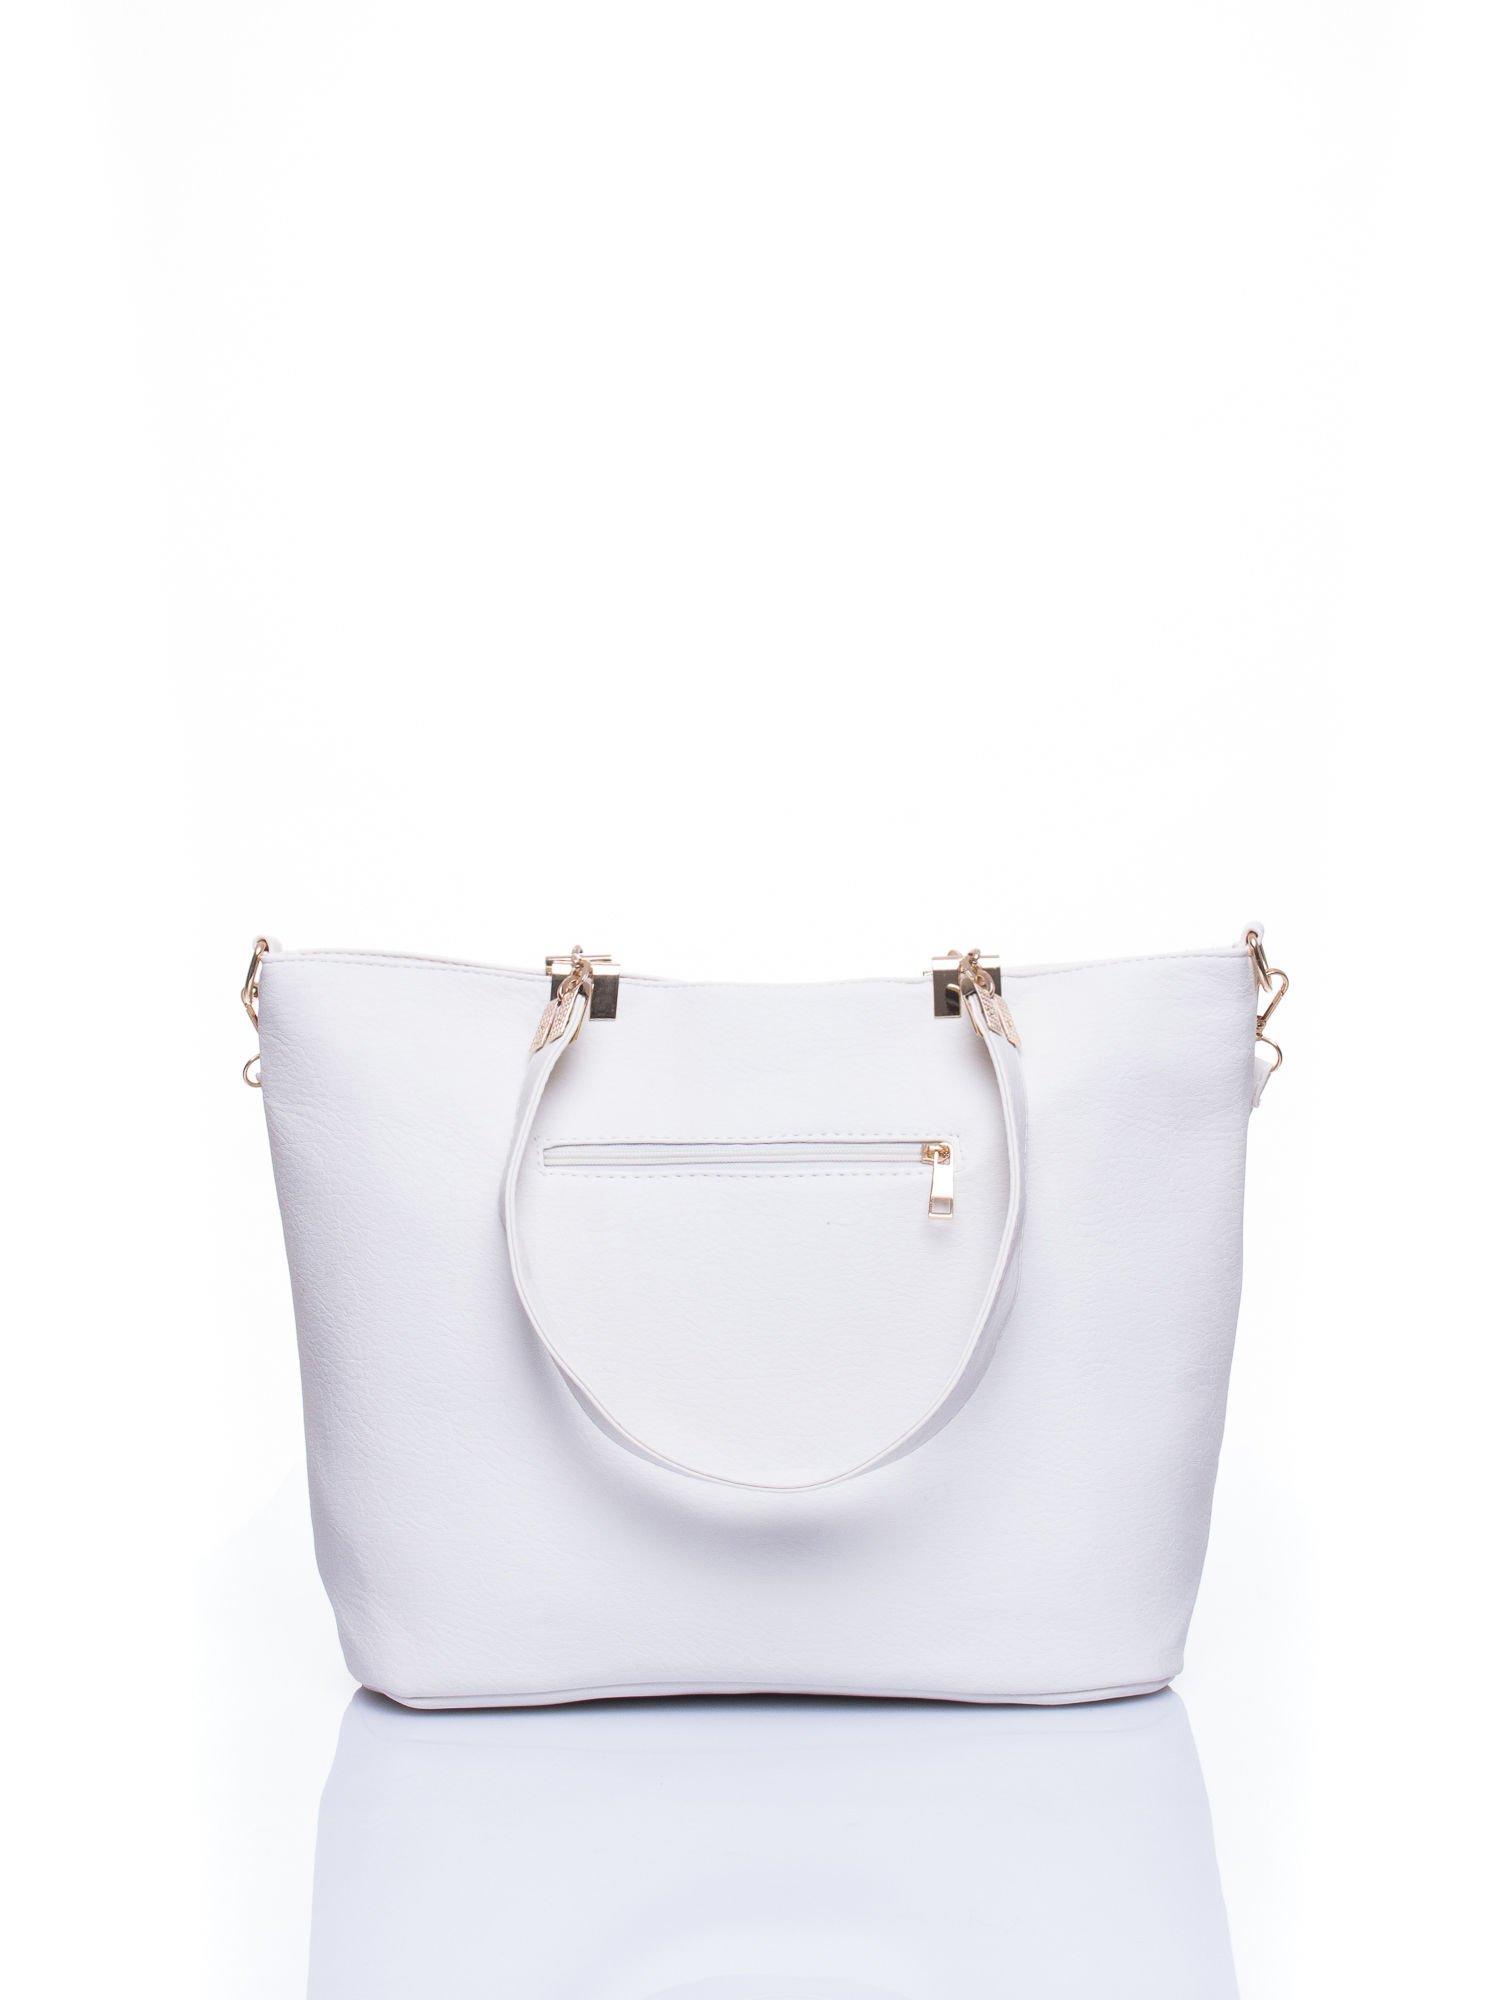 Biała fakturowana torebka damska ze złotymi okuciami                                  zdj.                                  3